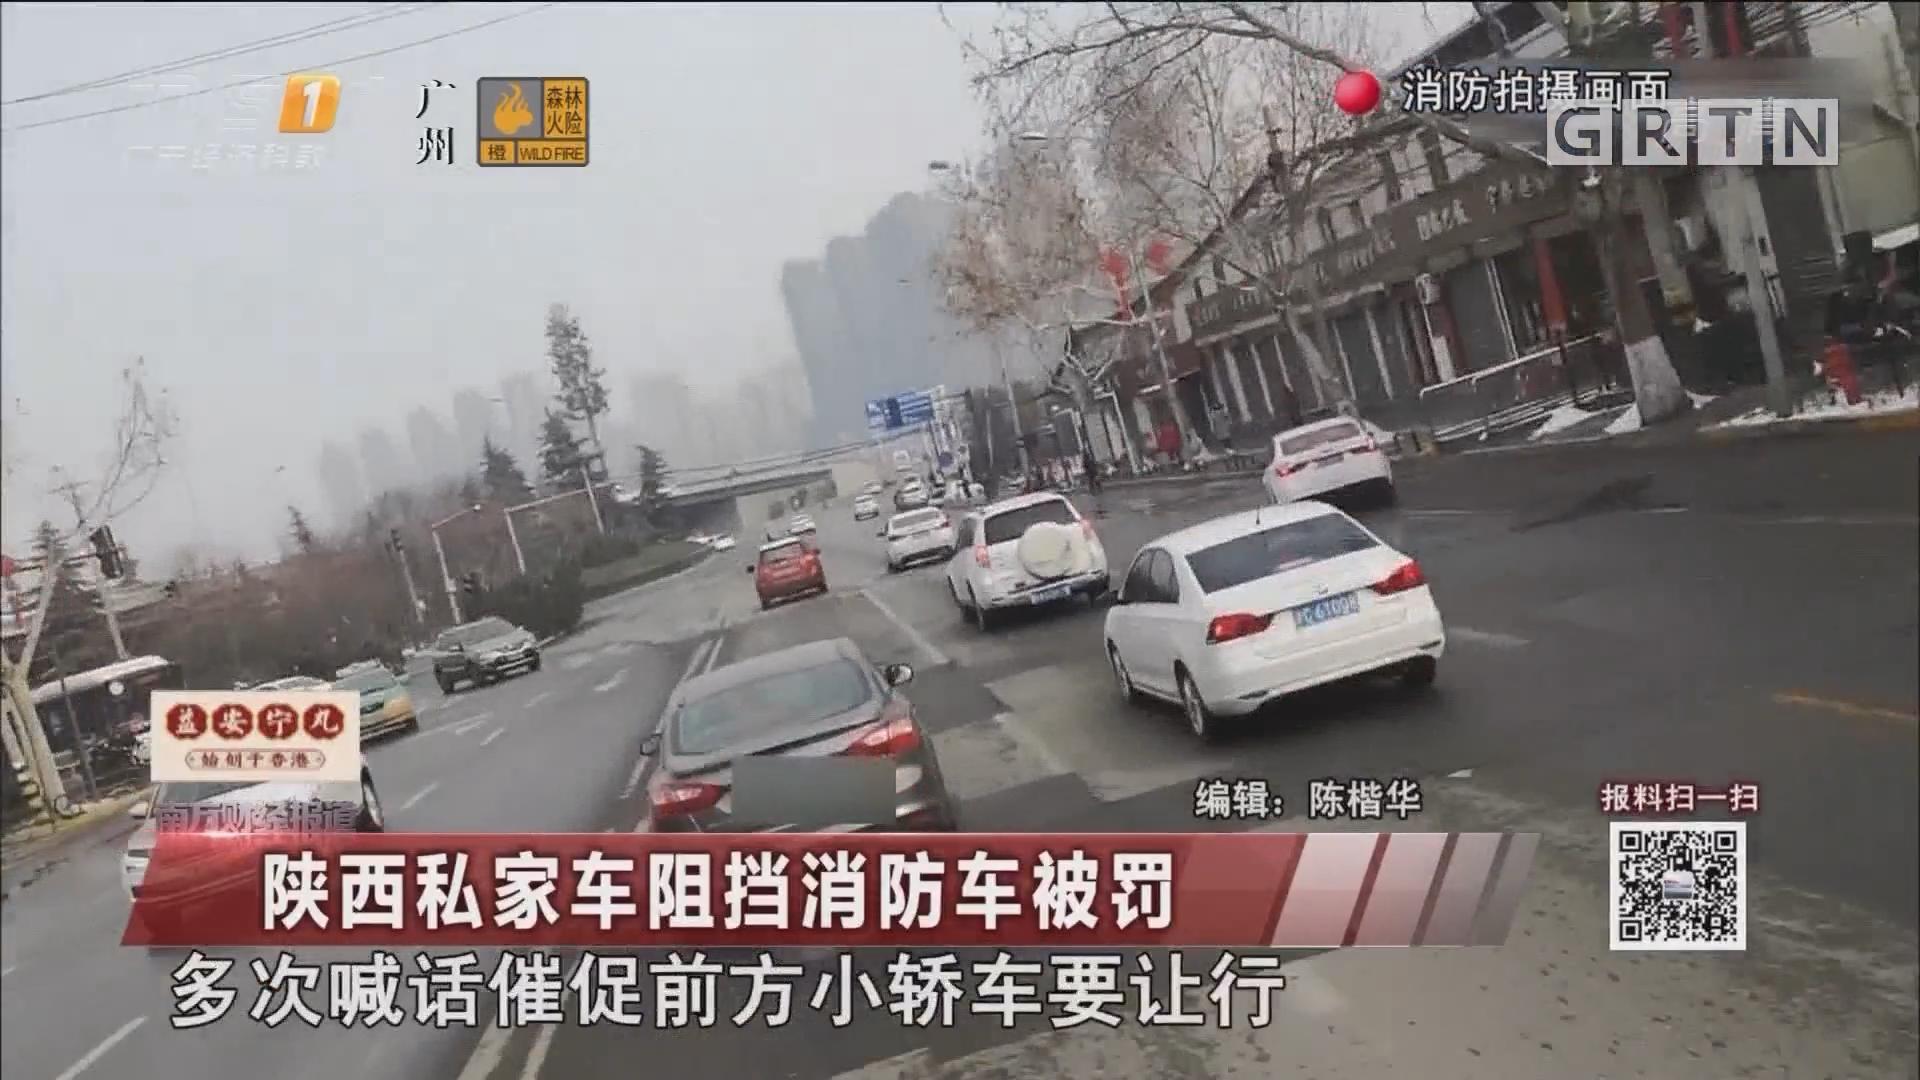 陕西私家车阻挡消防车被罚